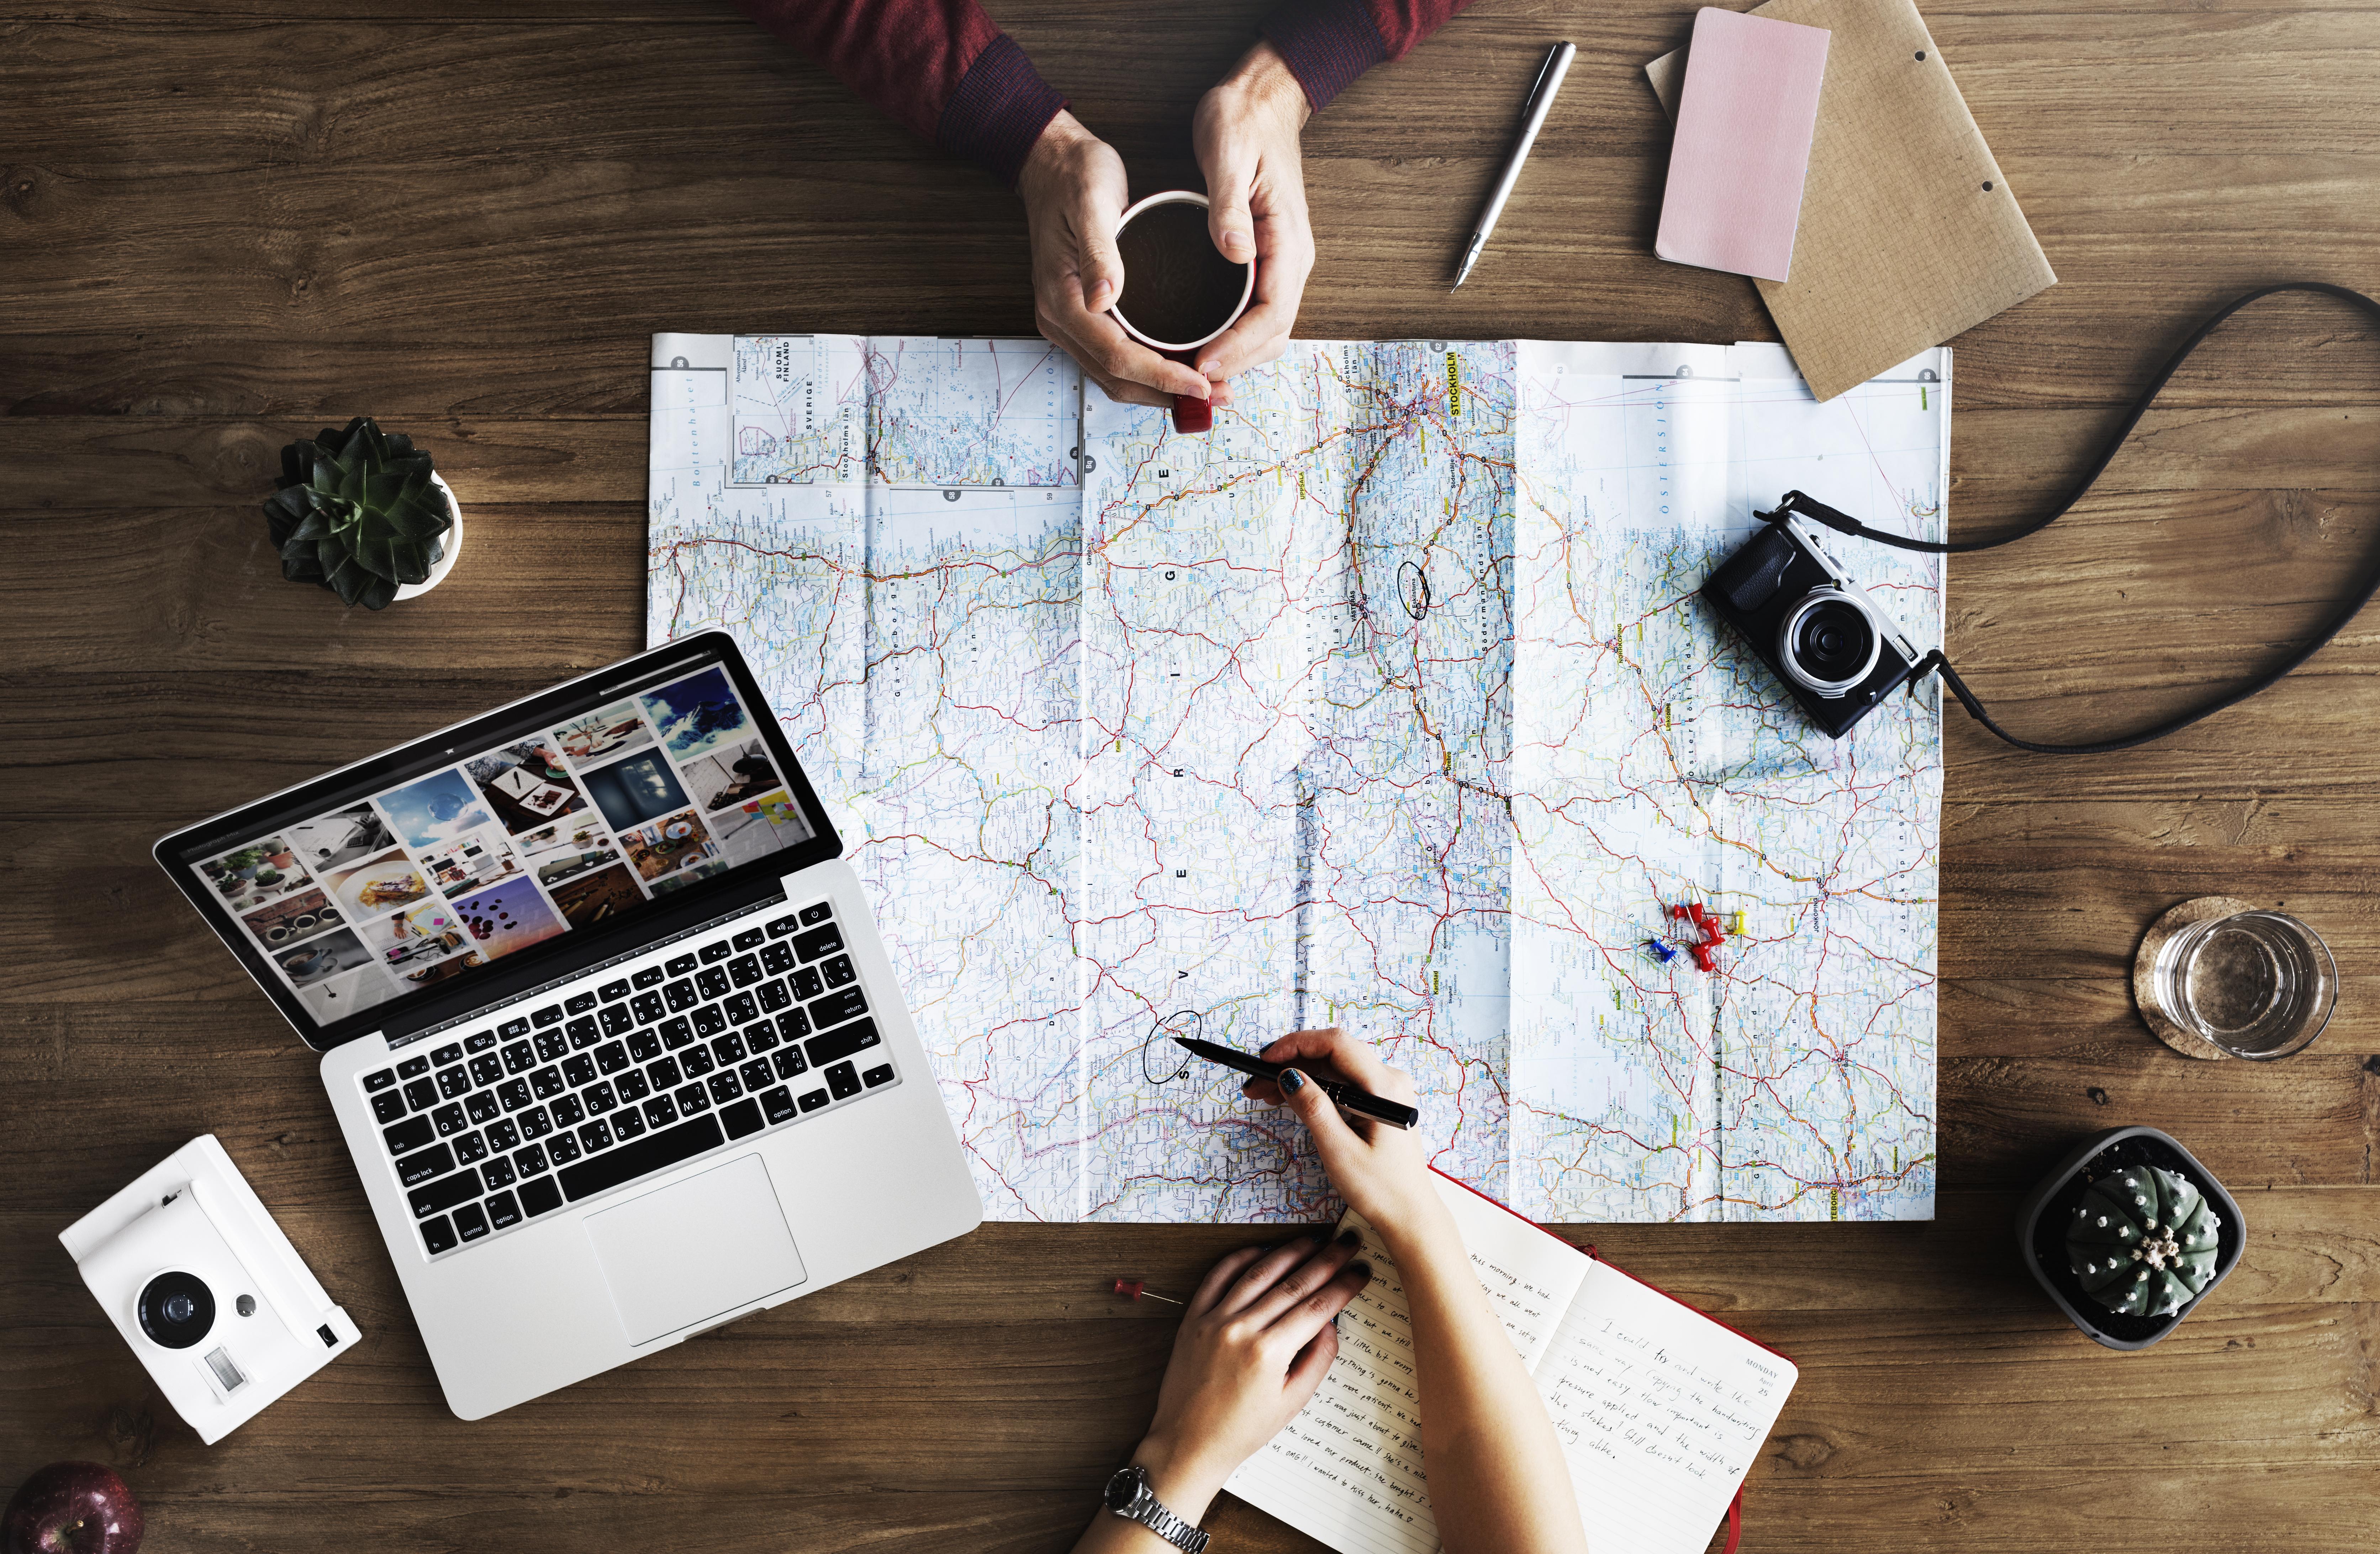 Préparer son voyage, voyage, conseils, préparer son voyage, applications voyage, holissence